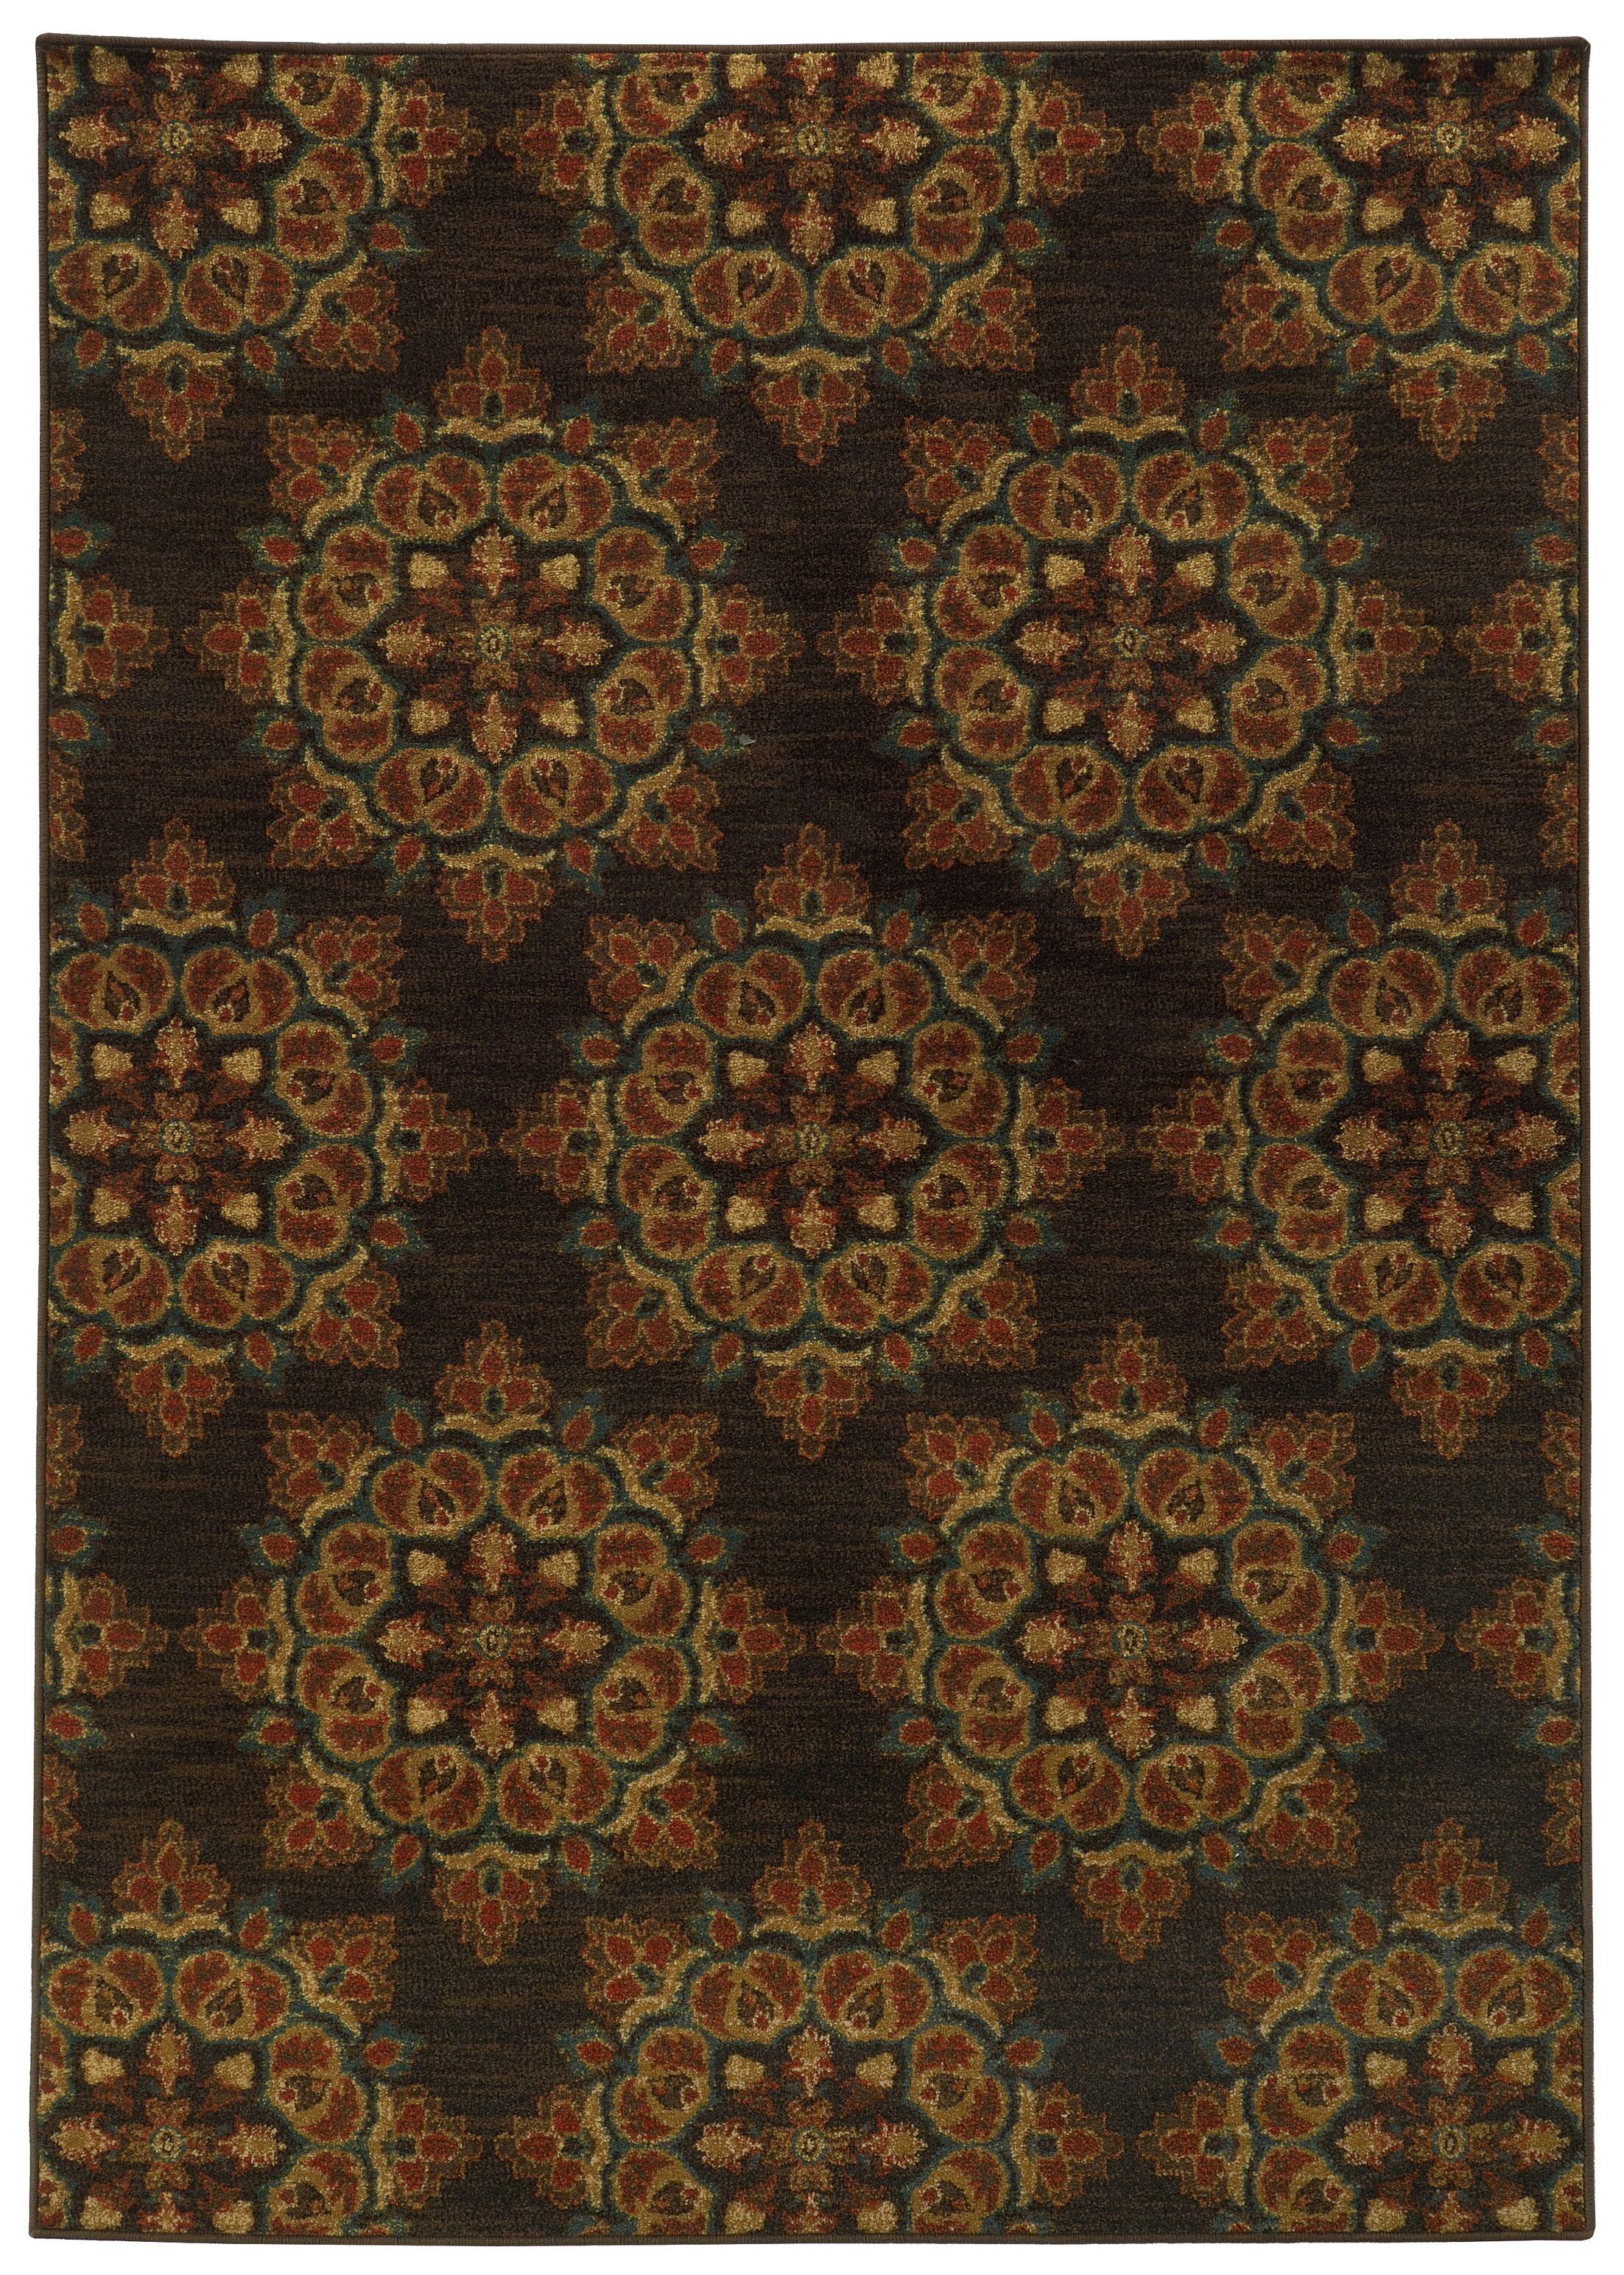 Prince Brown/Black Area Rug Rug Size: Rectangle 6'7